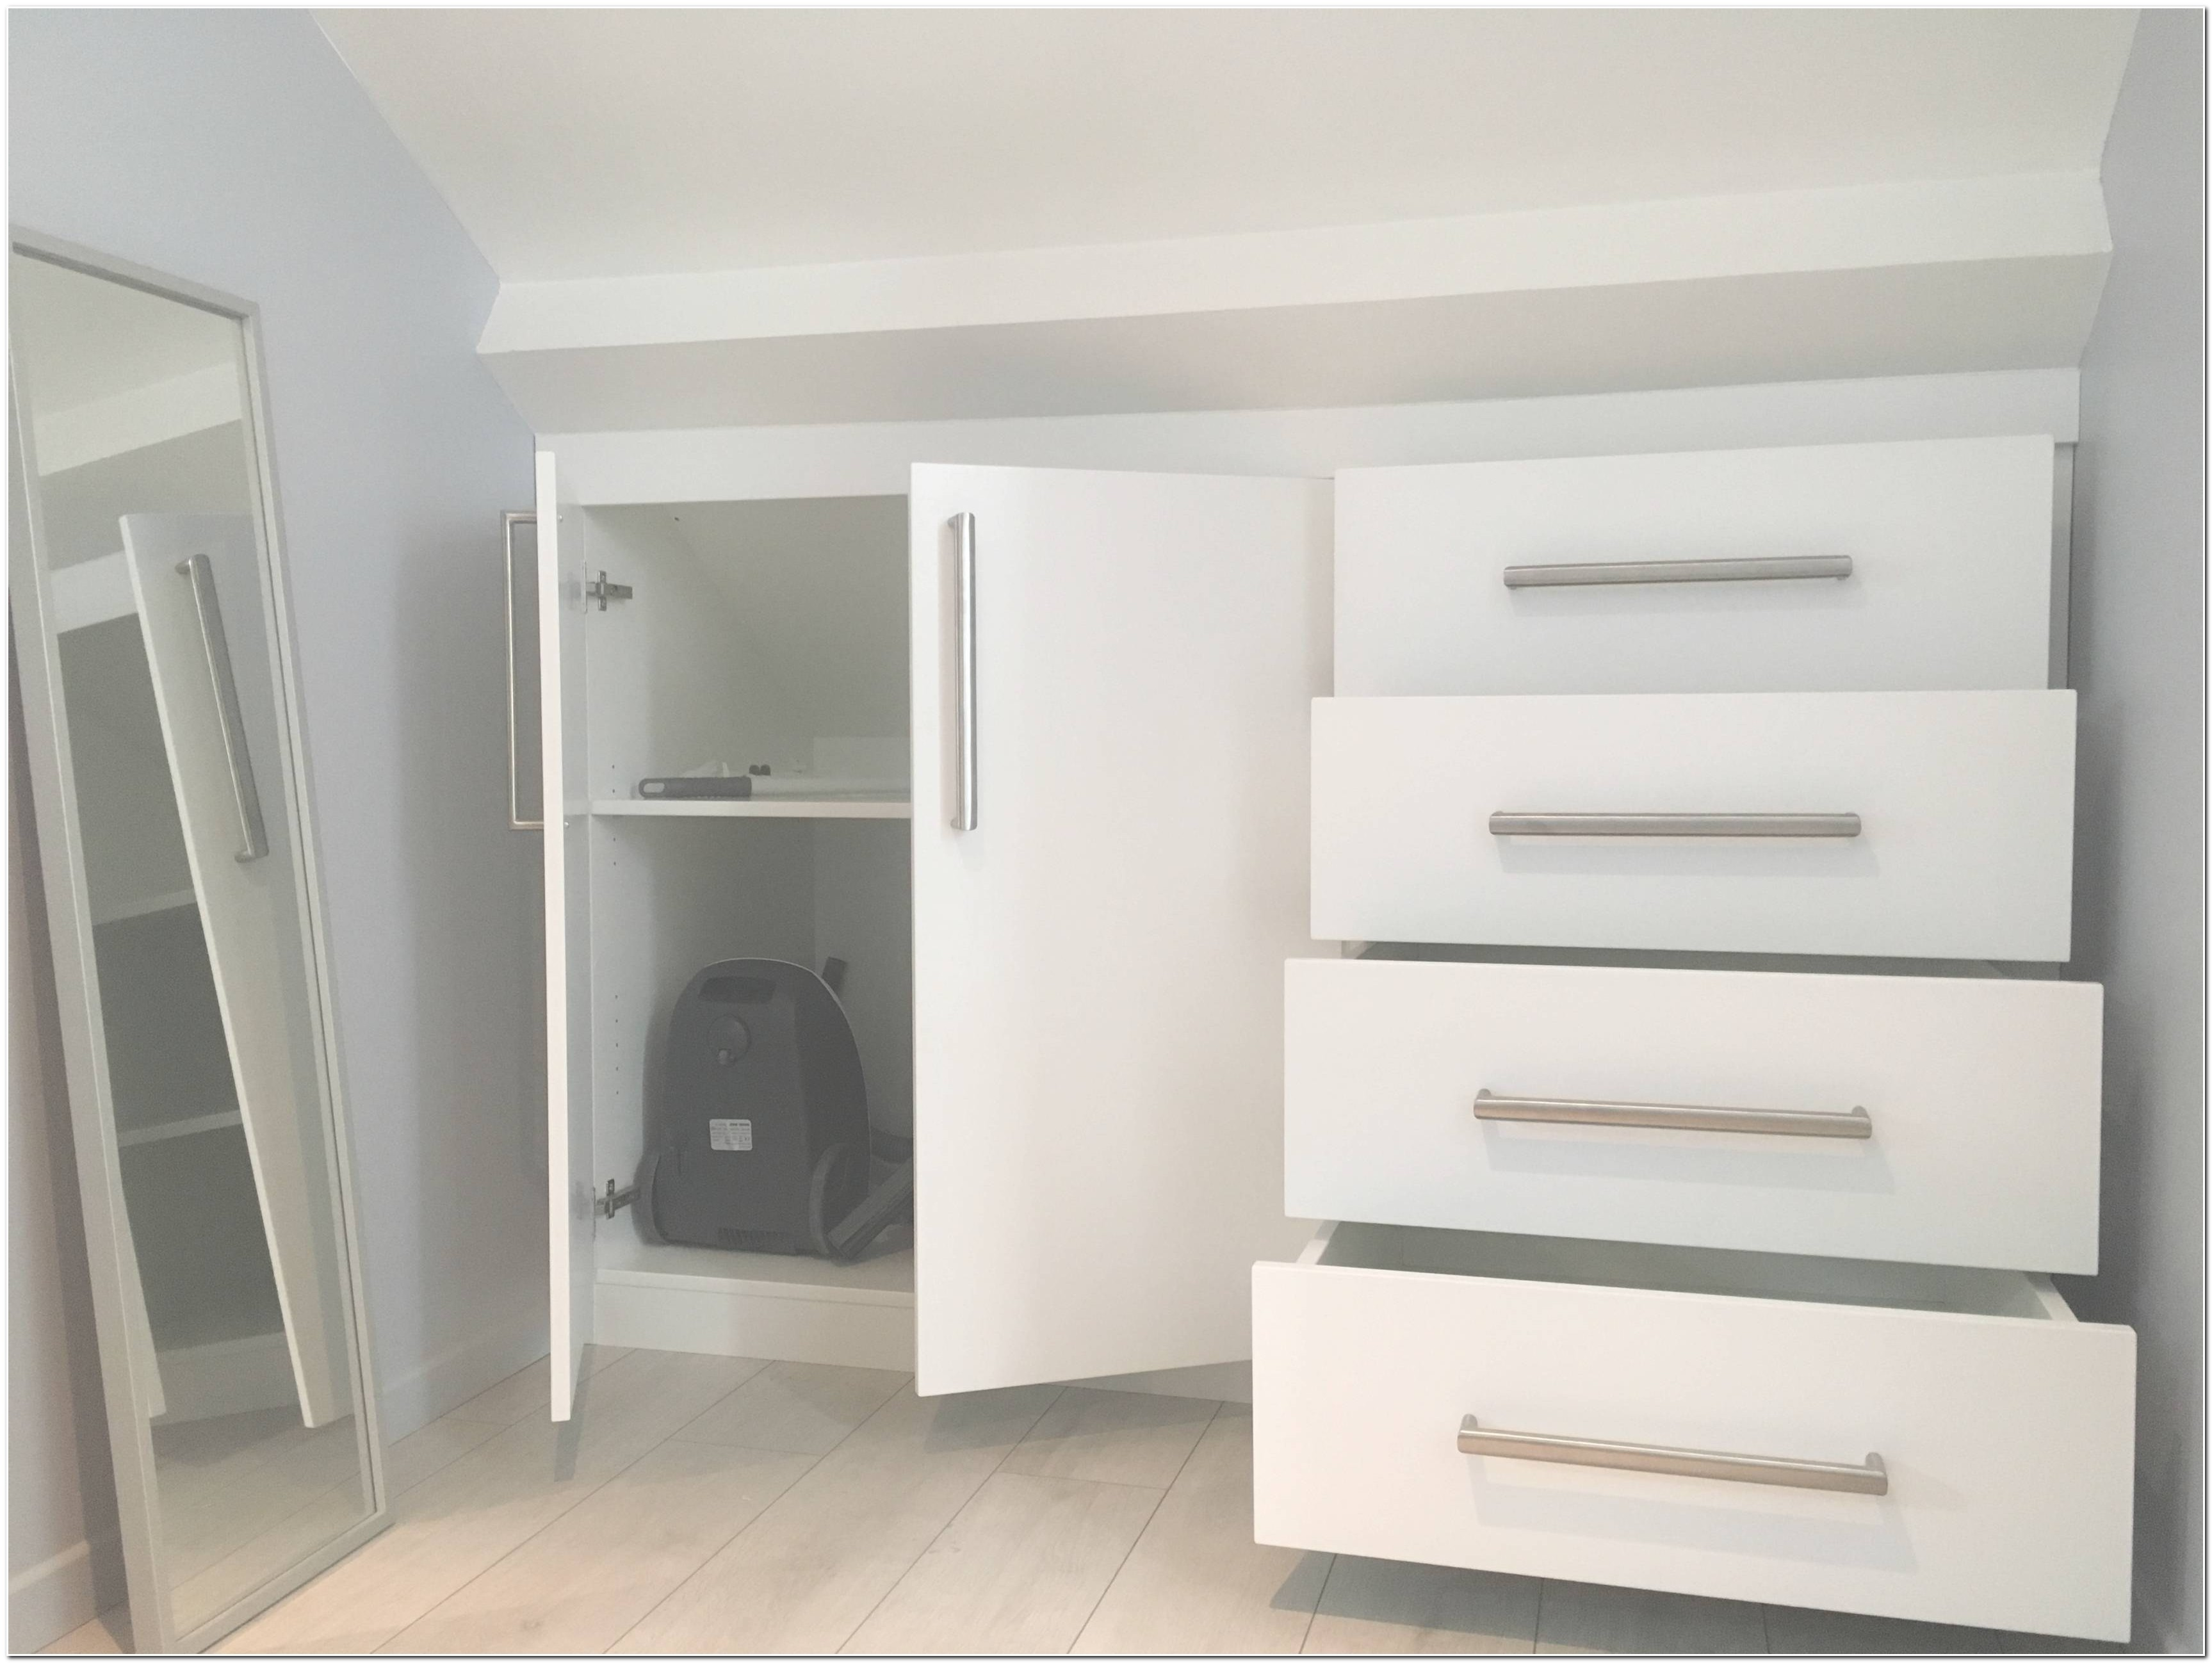 Meubles Pour Combles Ikea